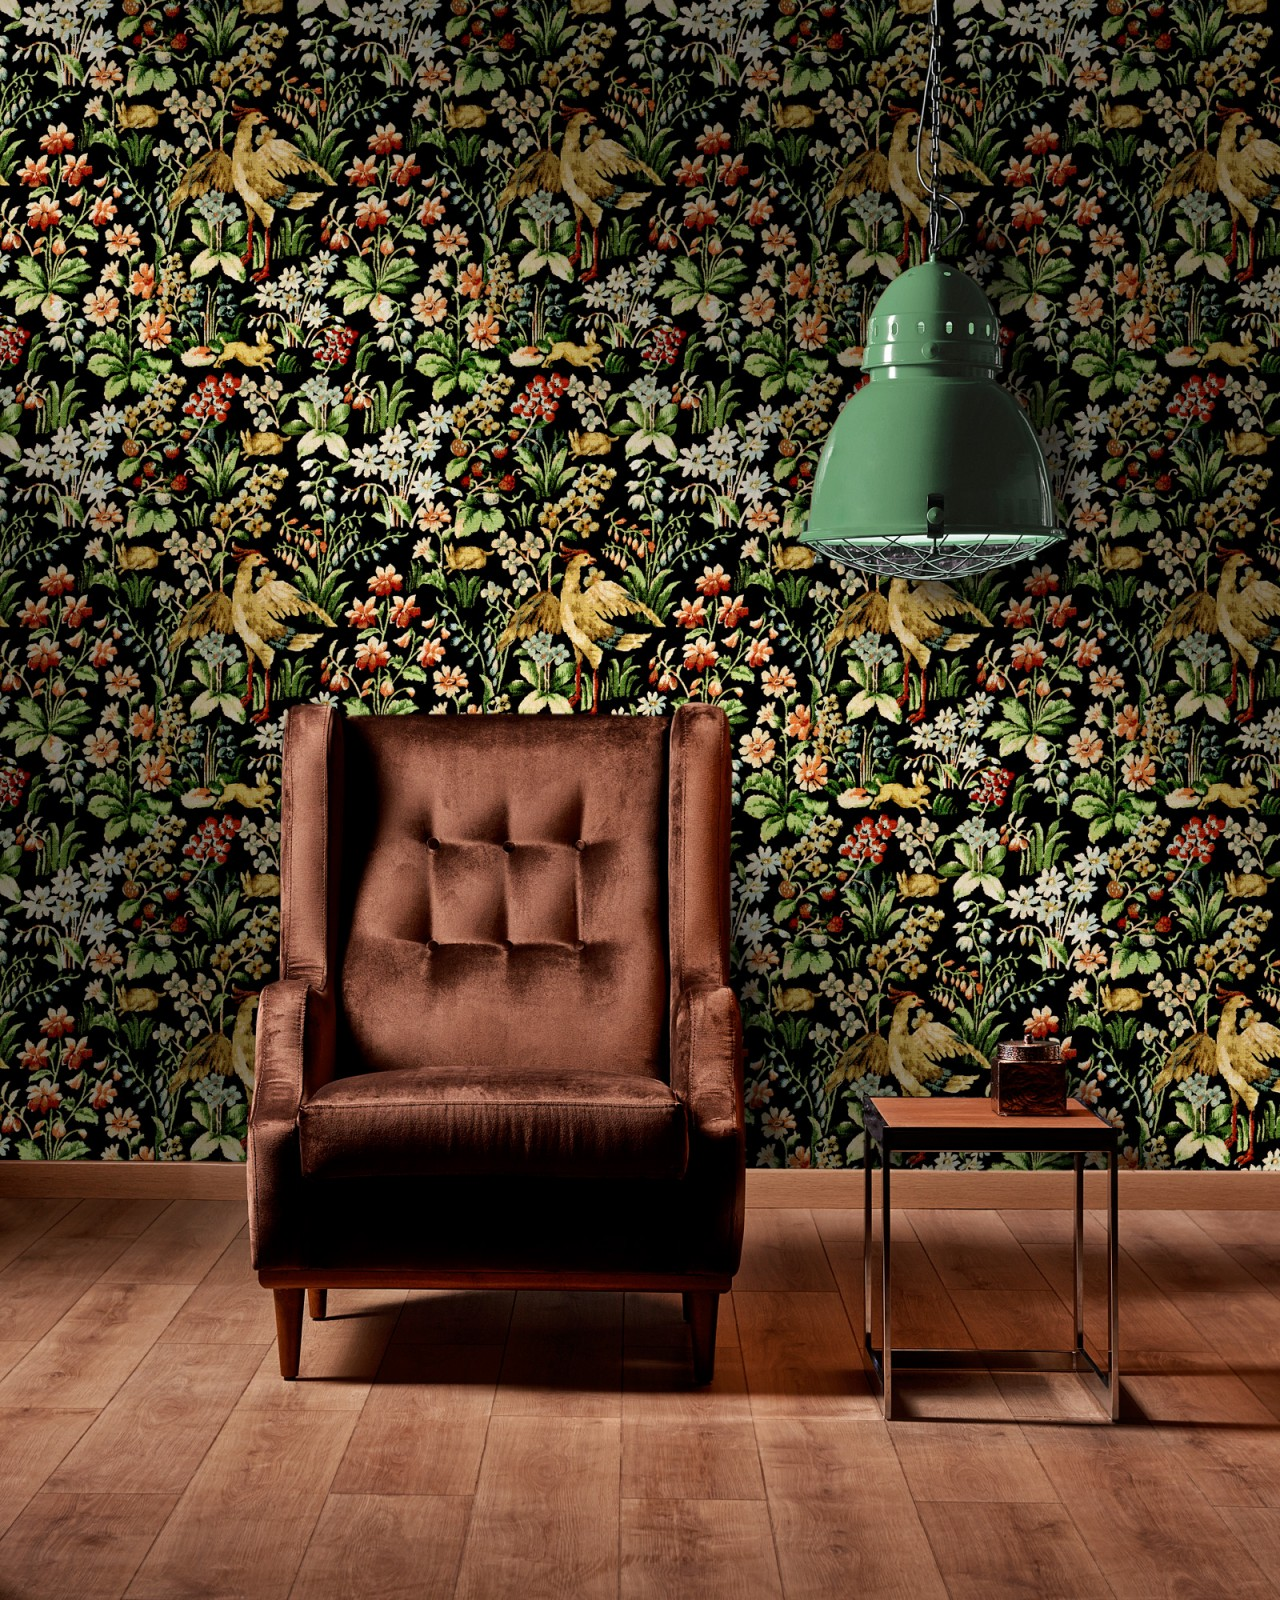 FLORAL TAPESTRY Premium Wallpaper